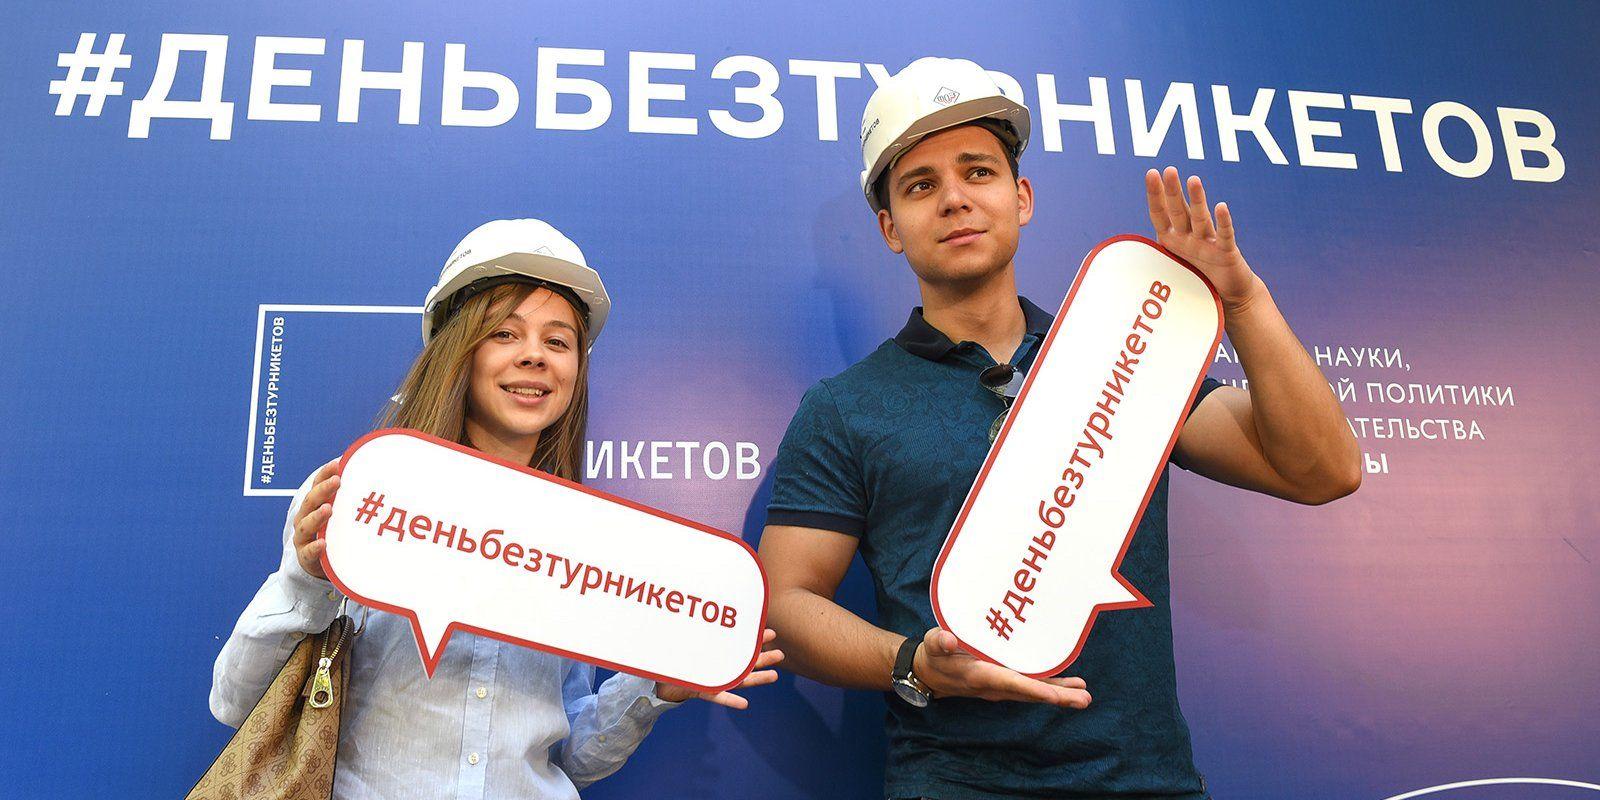 Акция «День без турникетов» пройдет в онлайн-формате